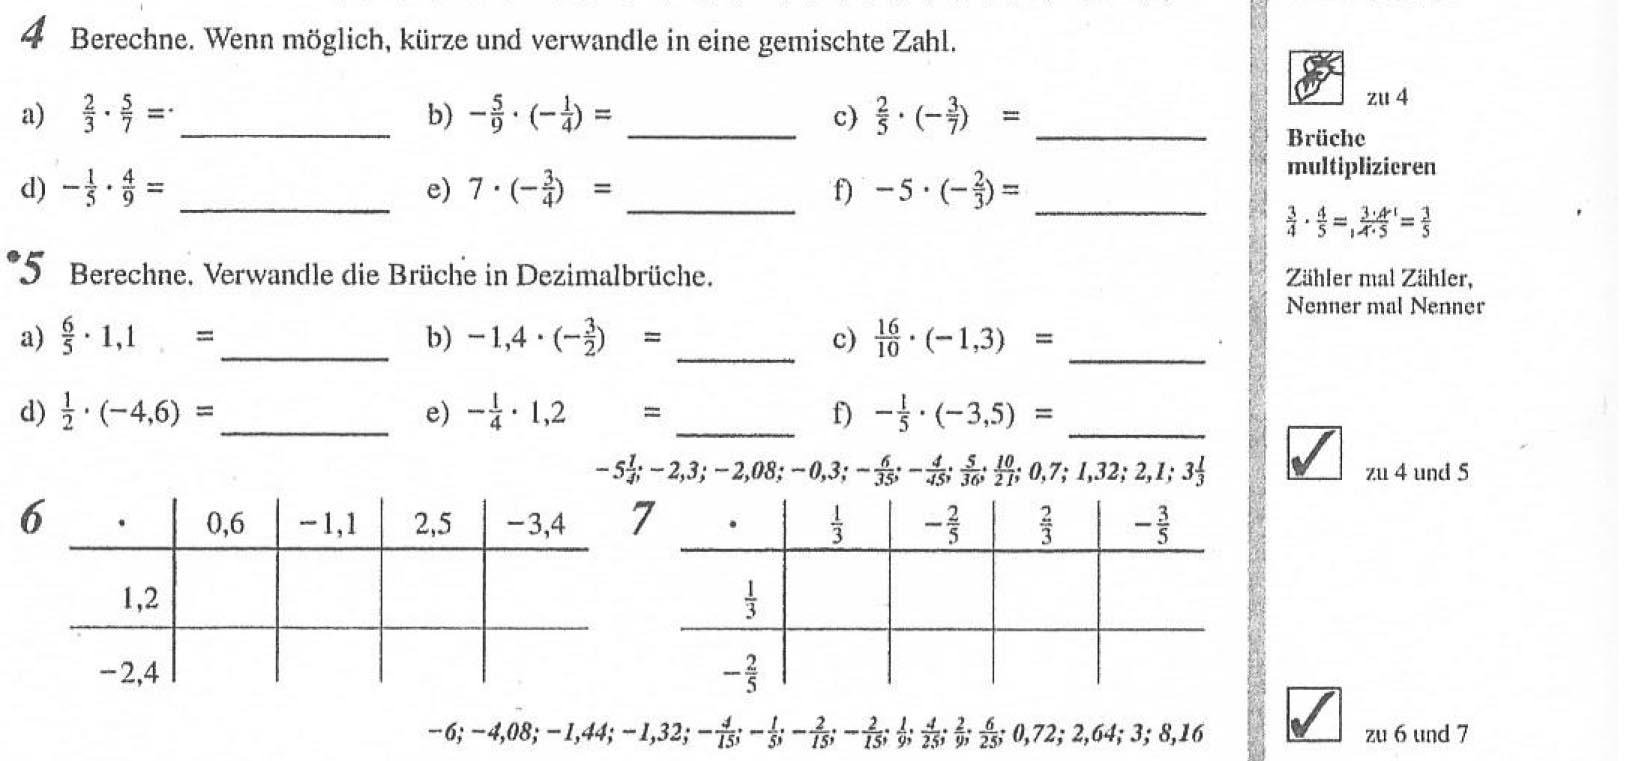 Tochter Bruchrechnen beibringen Gymnasium 7te Klasse ...